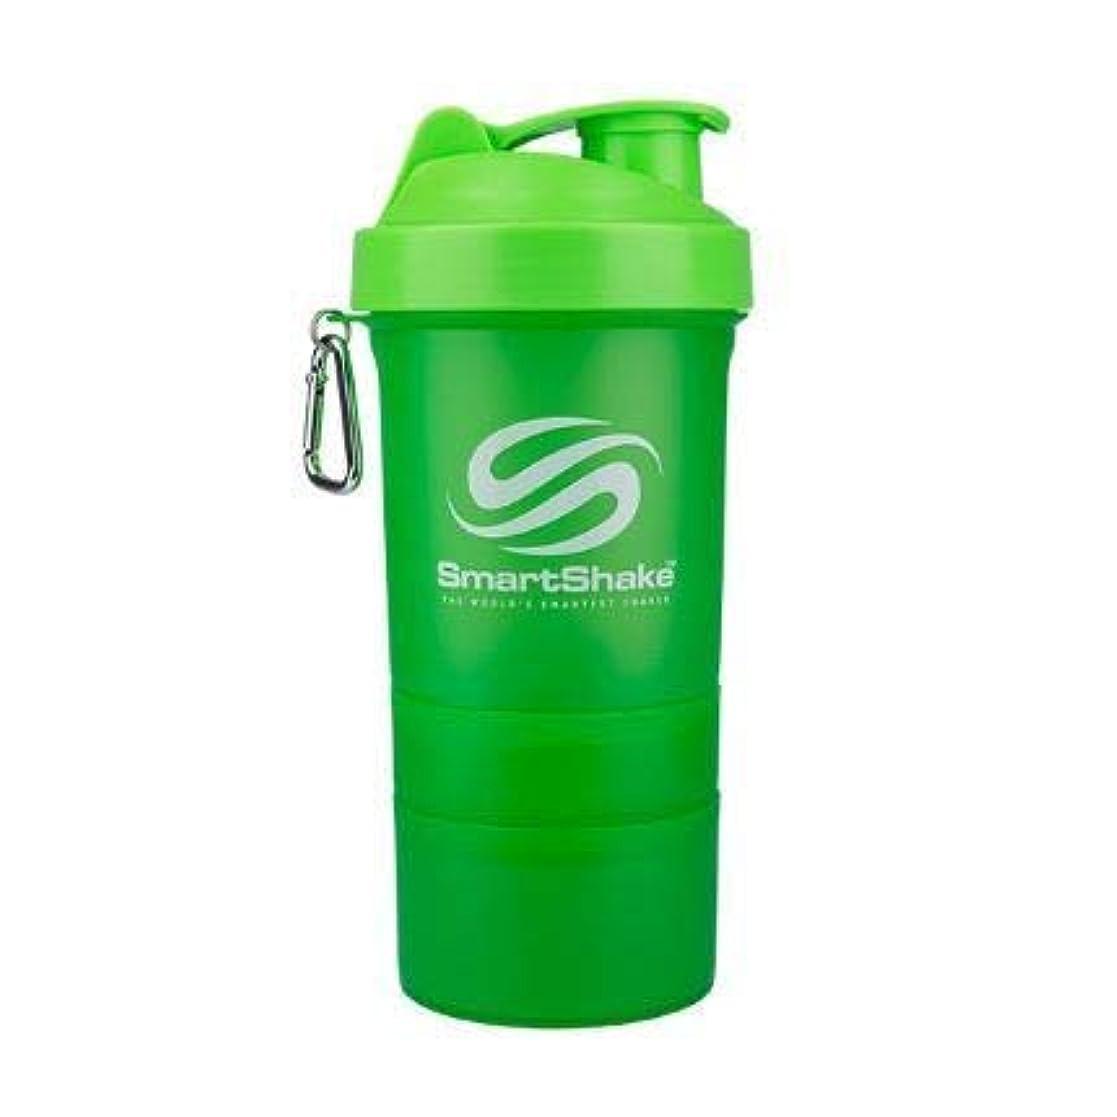 ジャズジャングル抑圧者Smartshake英国株式会社Smartshake Smartshakeボトル-ネオングリーン1×600ミリリットル(それ)